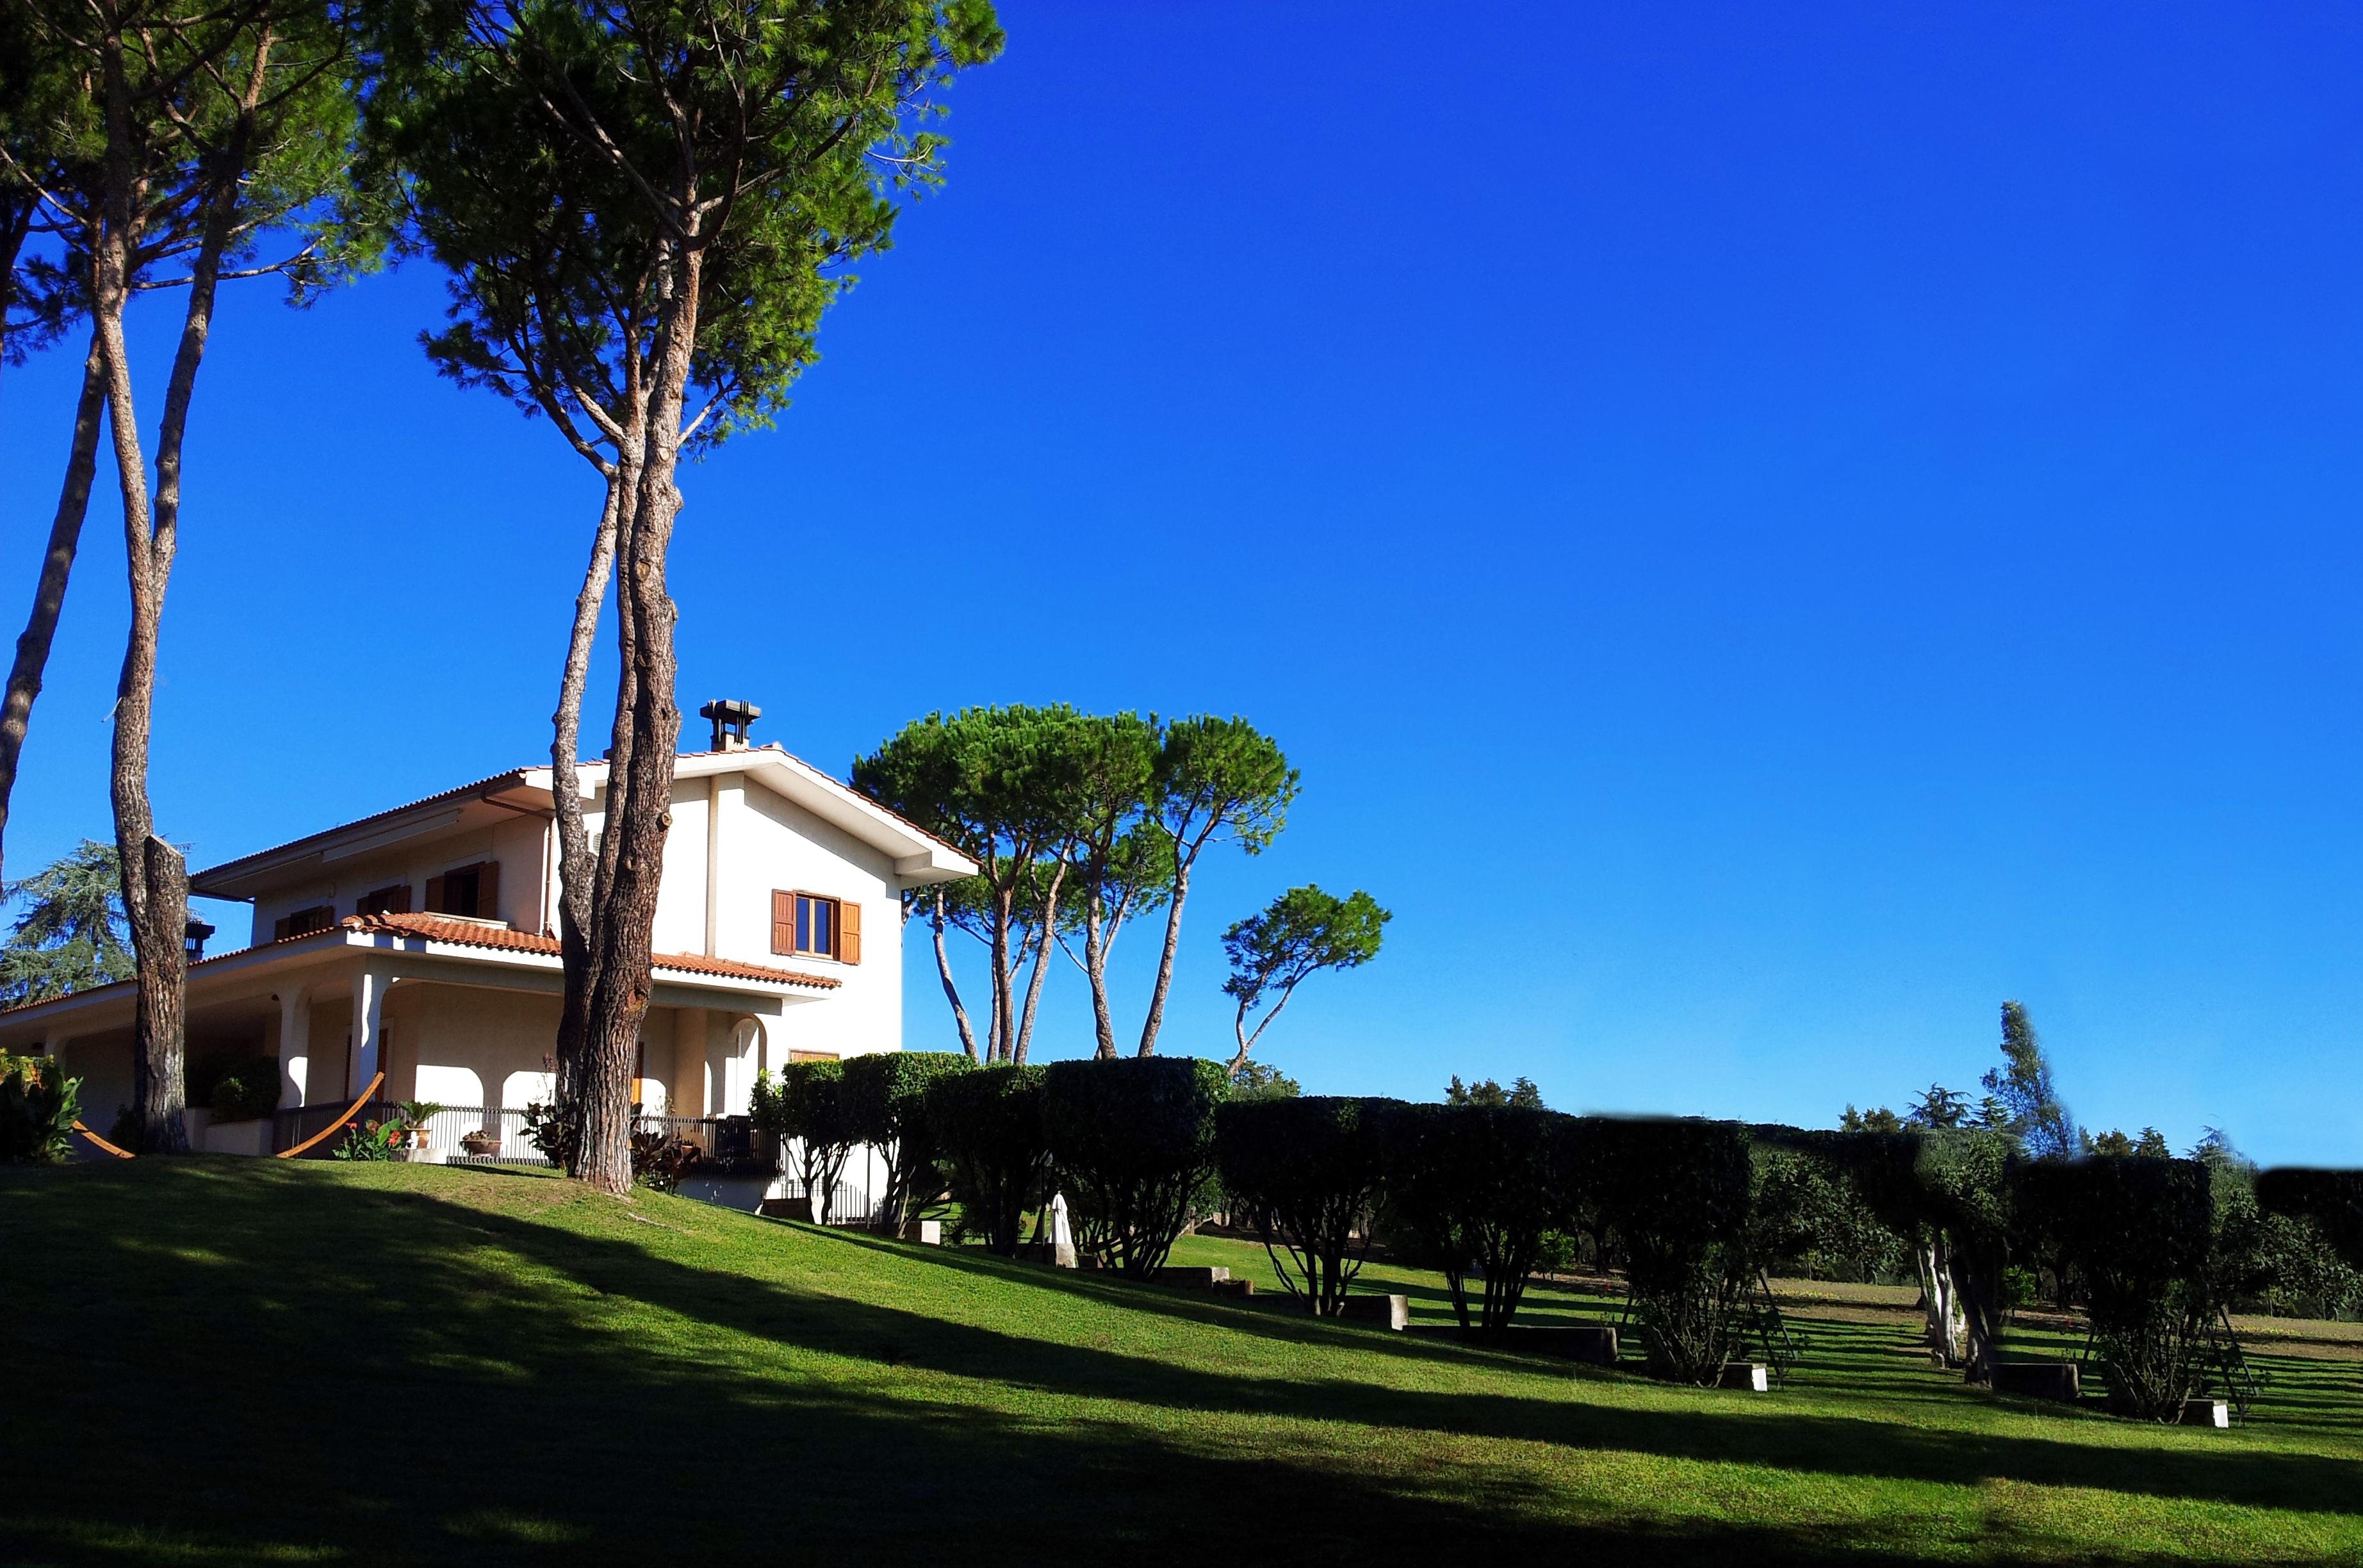 Veduta del parco e Villa Chauet